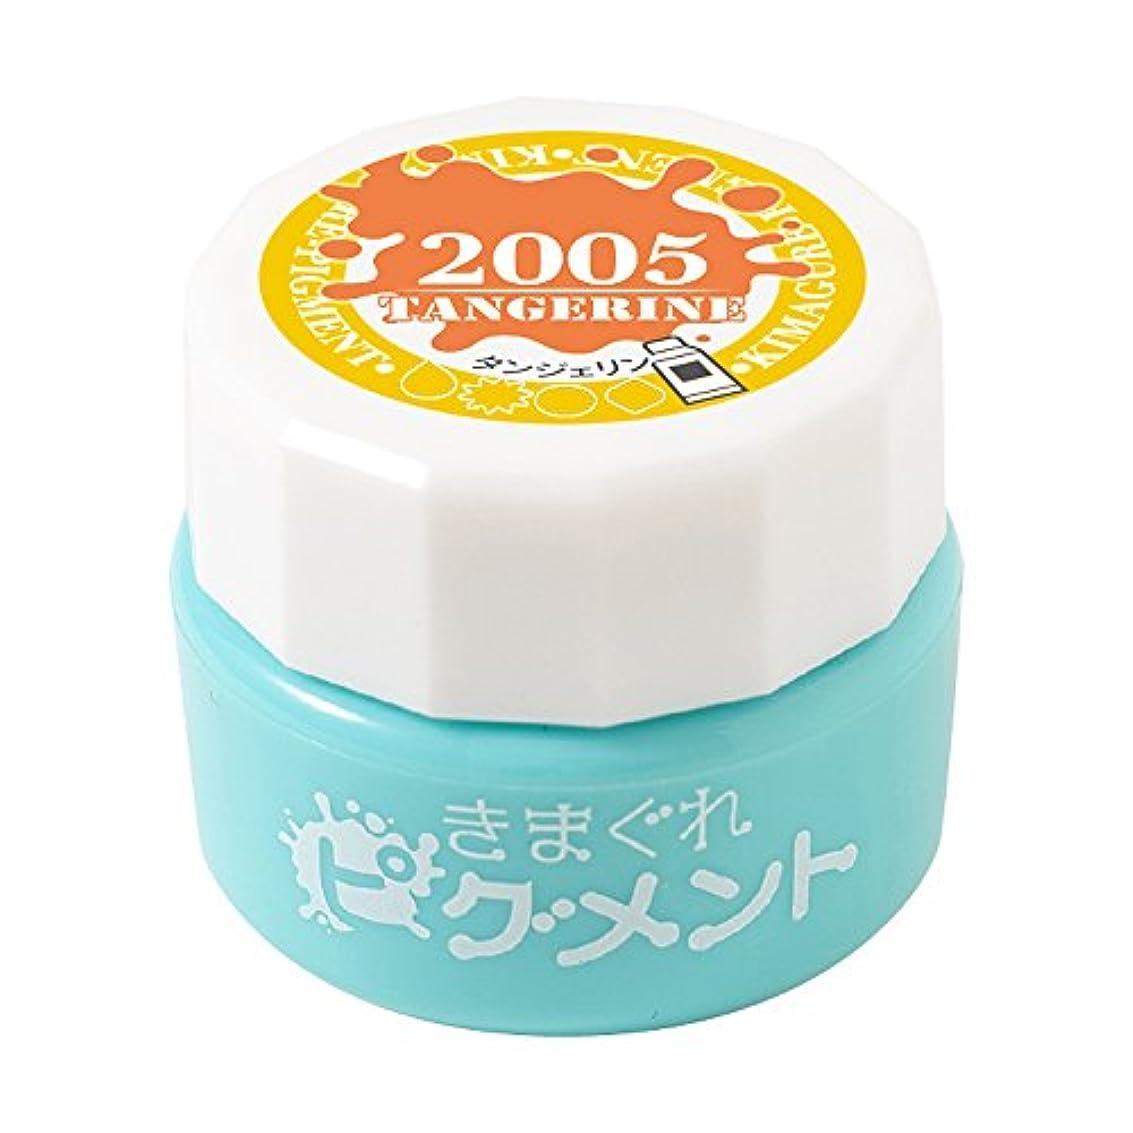 バスタブ薄い消化器Bettygel きまぐれピグメント タンジェリン QYJ-2005 4g UV/LED対応